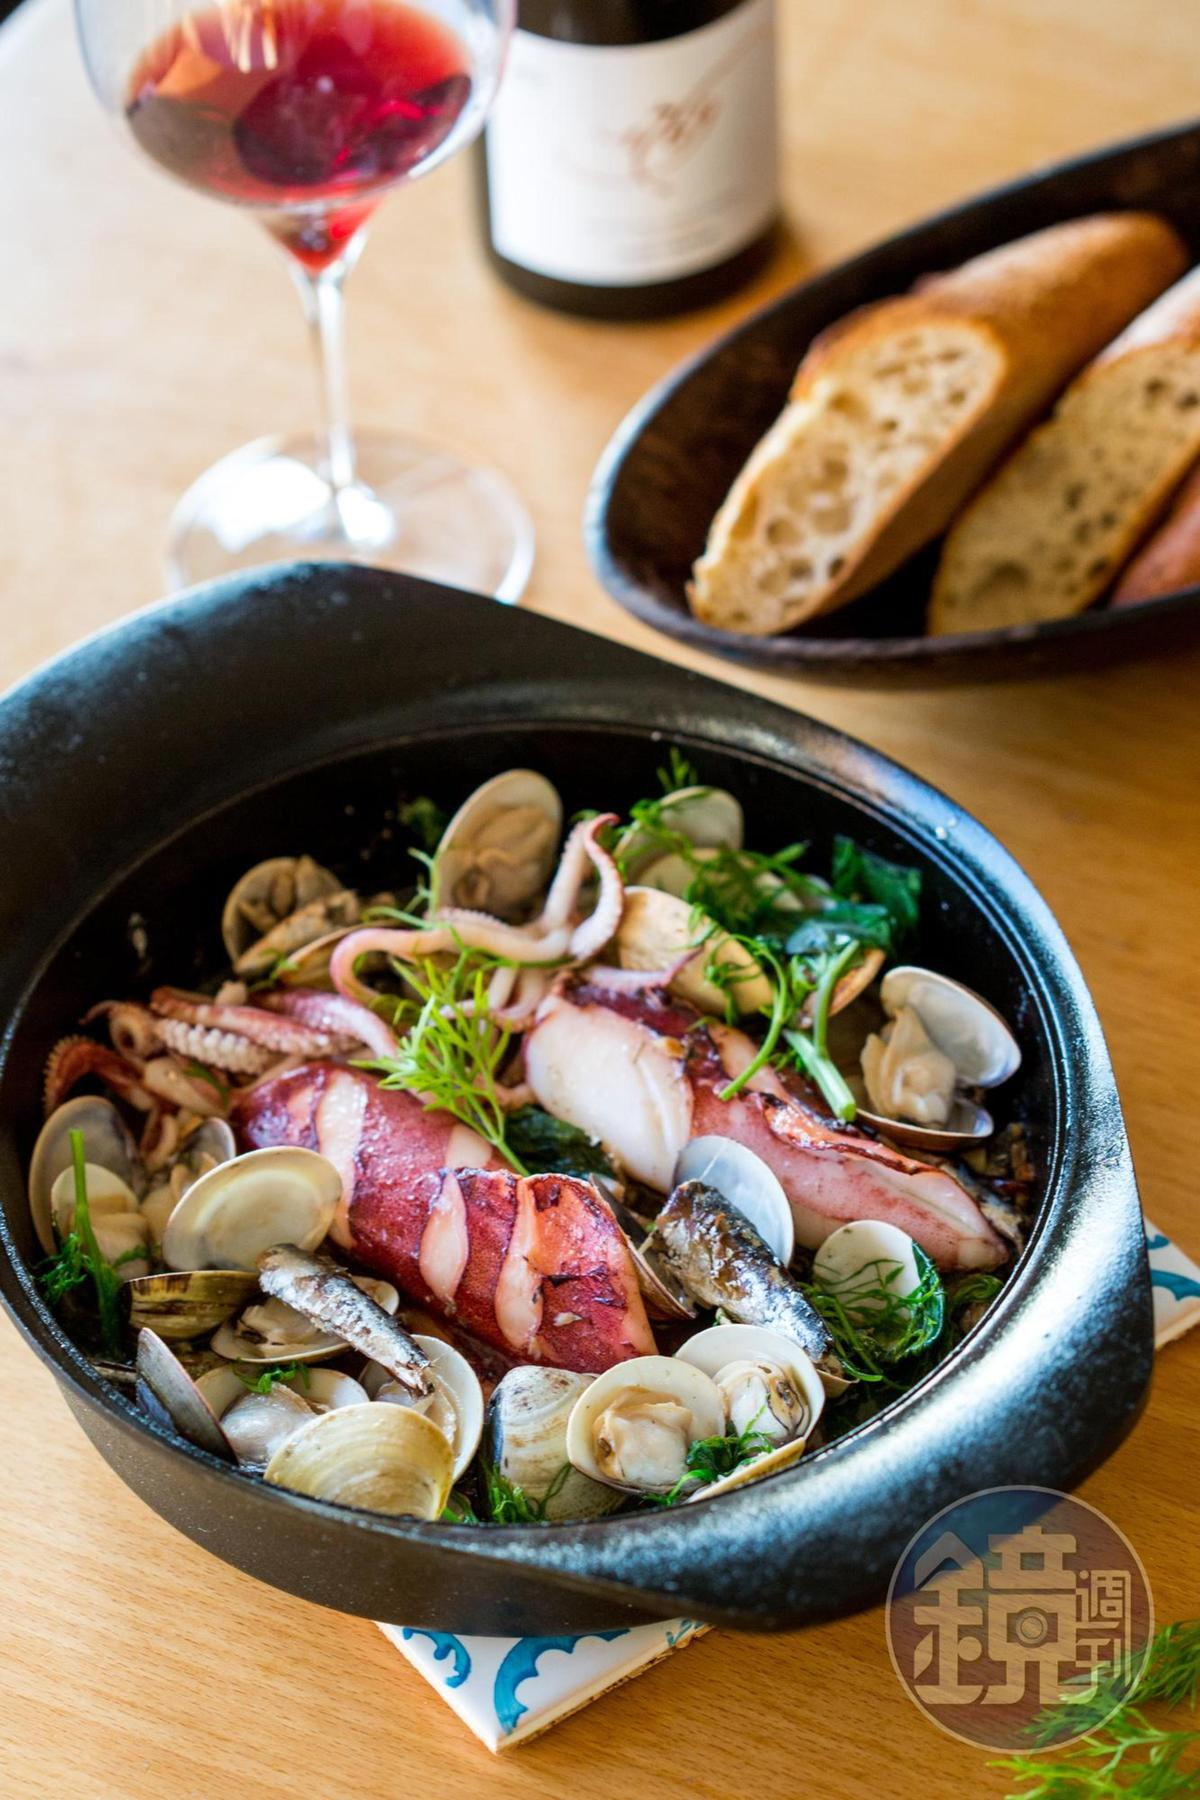 「油漬沙丁魚茴香燴海鮮」堆疊鮮鹹的海味。